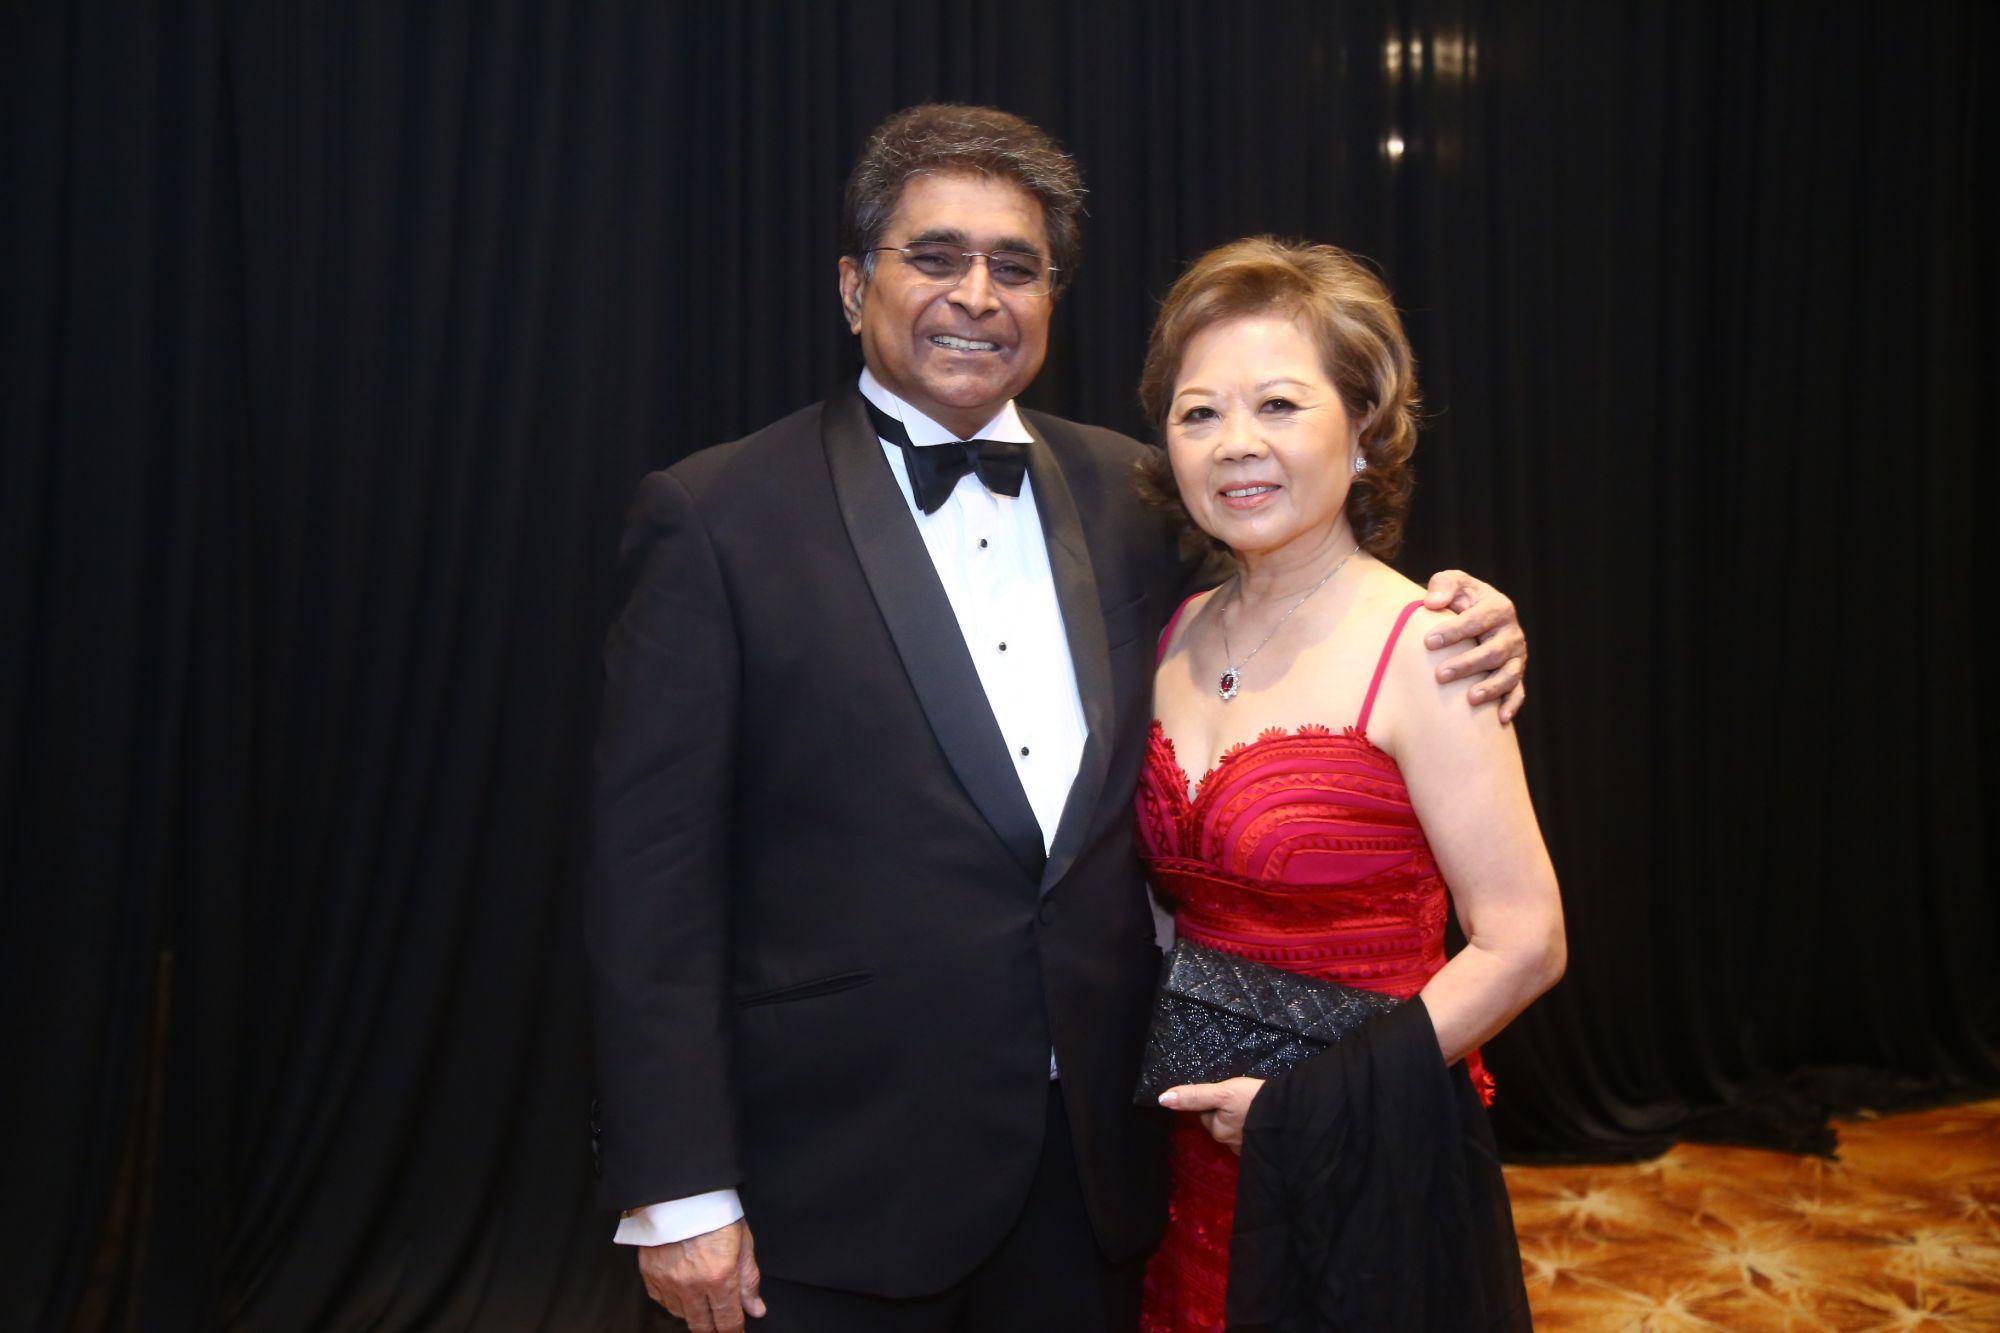 Dato' Sri Jeffrey Raymond and Datin Sri Joyce Raymond at the Malaysia Tatler Ball